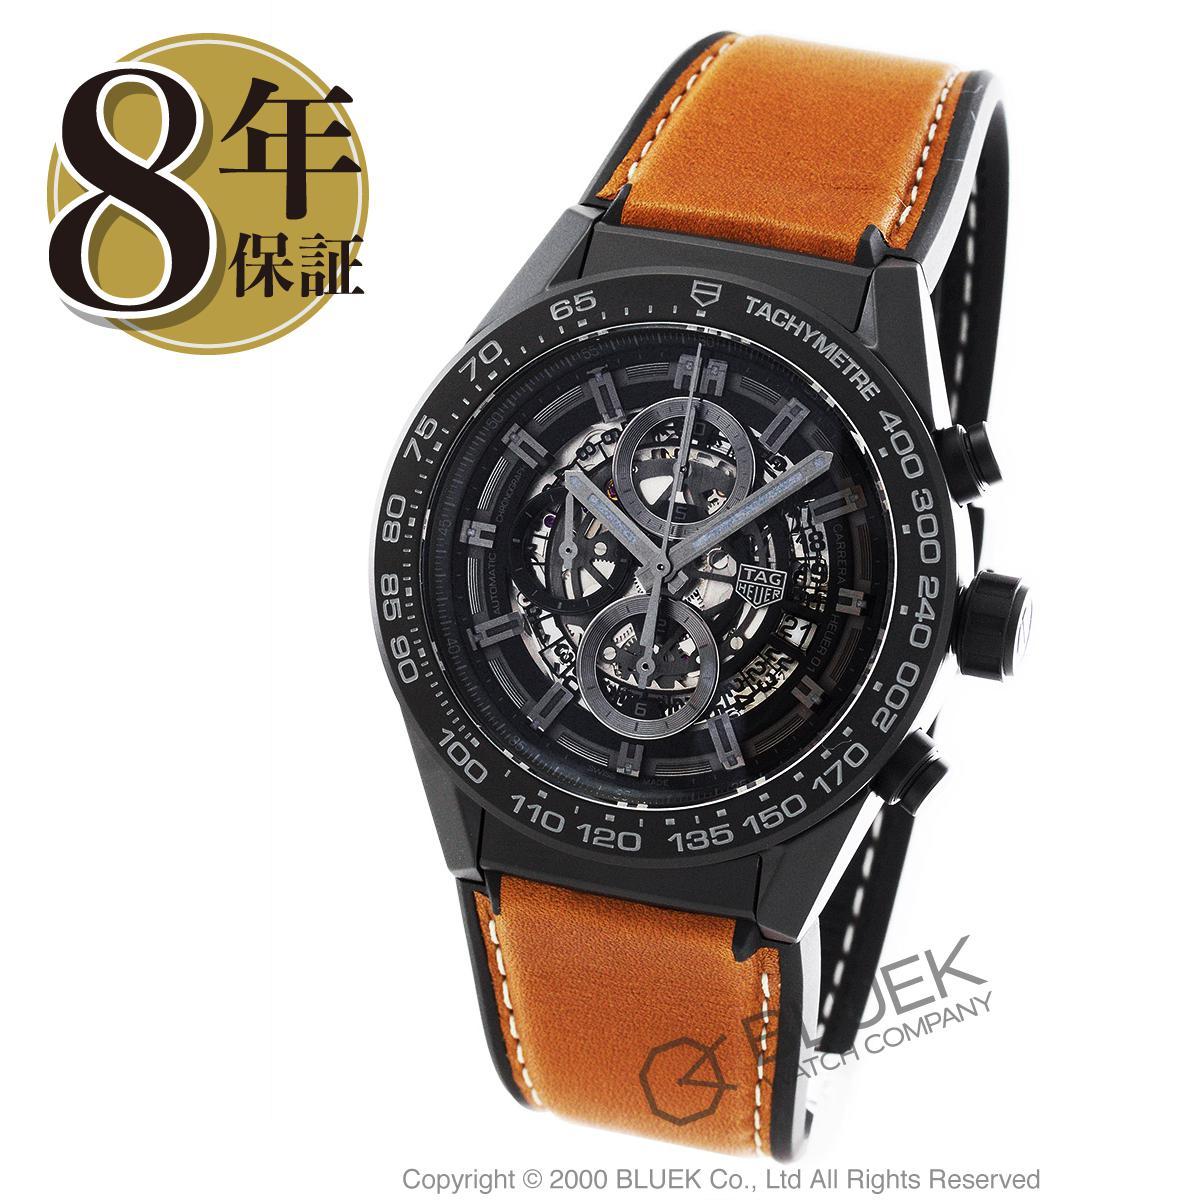 【3,000円OFFクーポン対象】タグホイヤー カレラ ホイヤー01 クロノグラフ 腕時計 メンズ TAG Heuer CAR2A91.FT6121_8